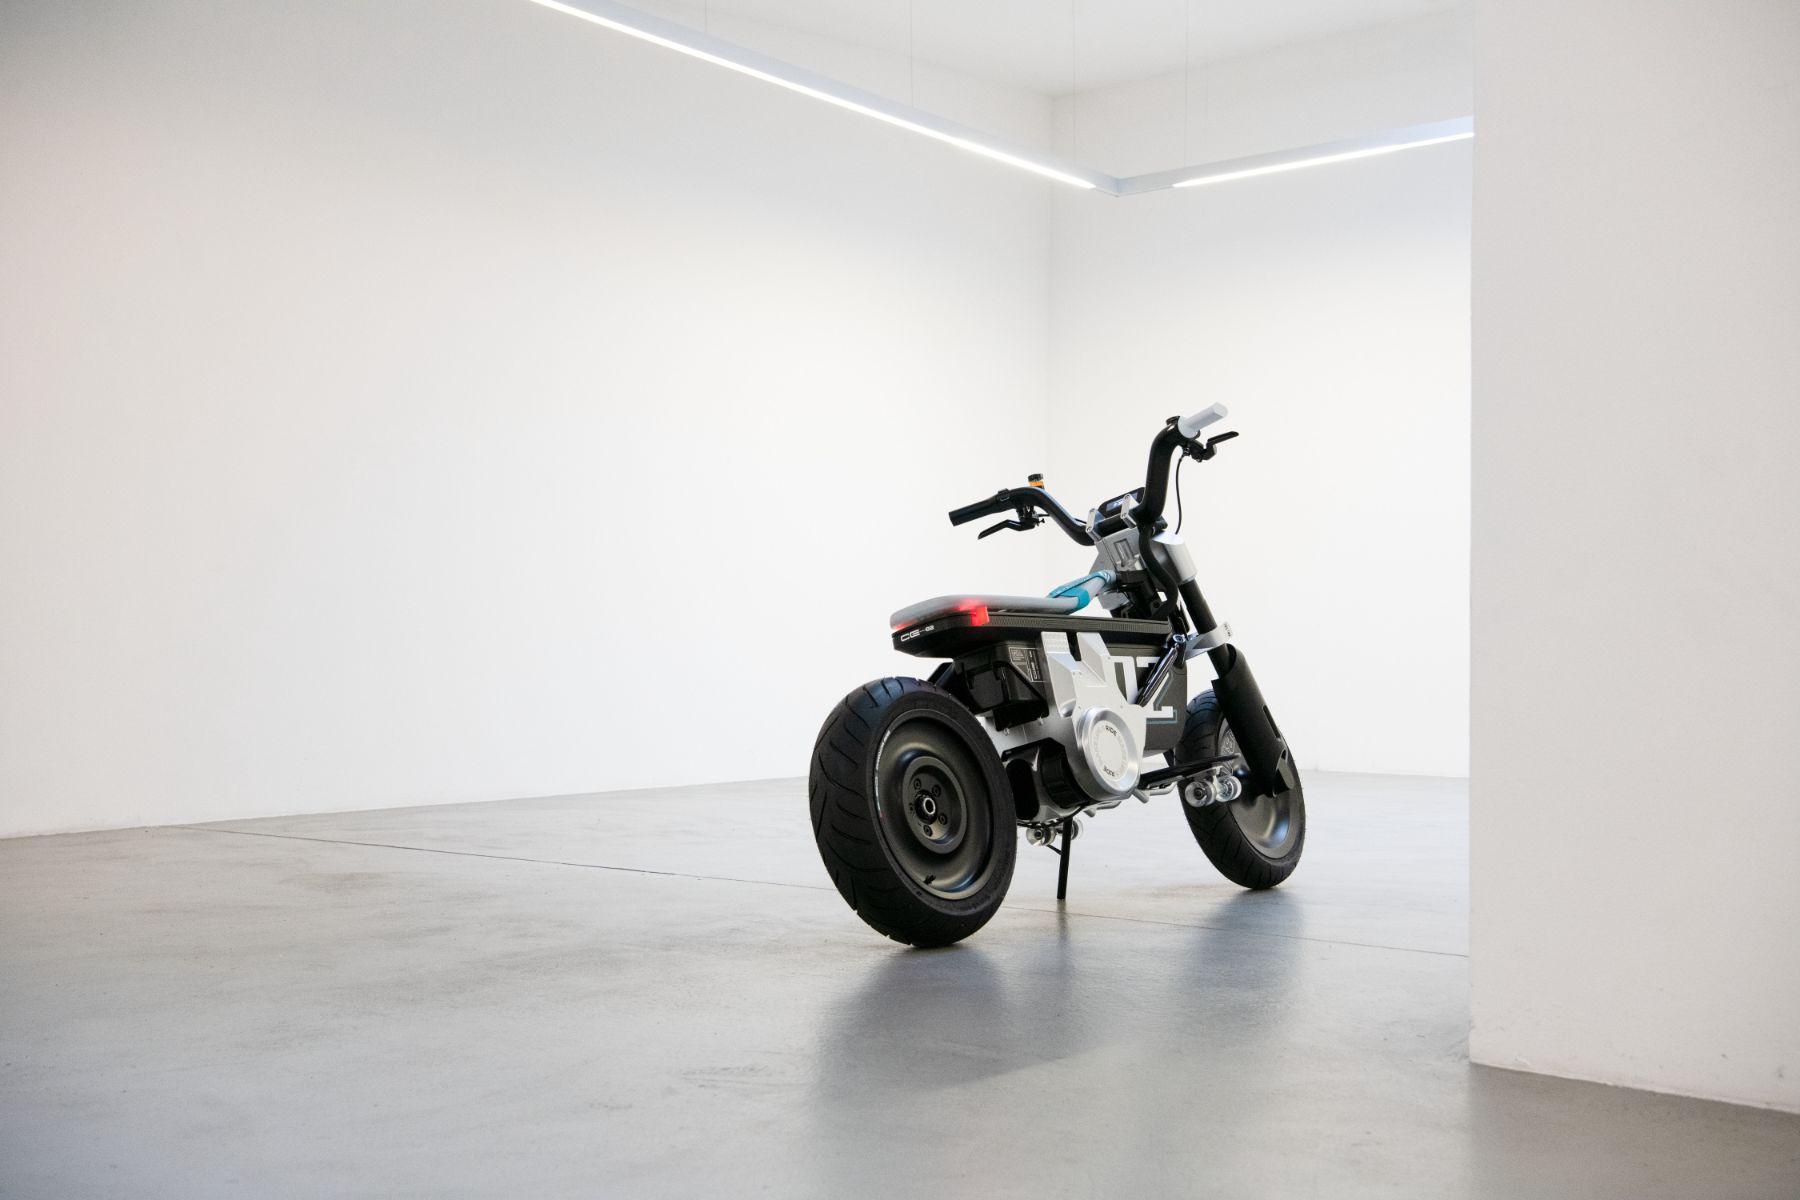 bmw motorrad concept ce 02 traseira